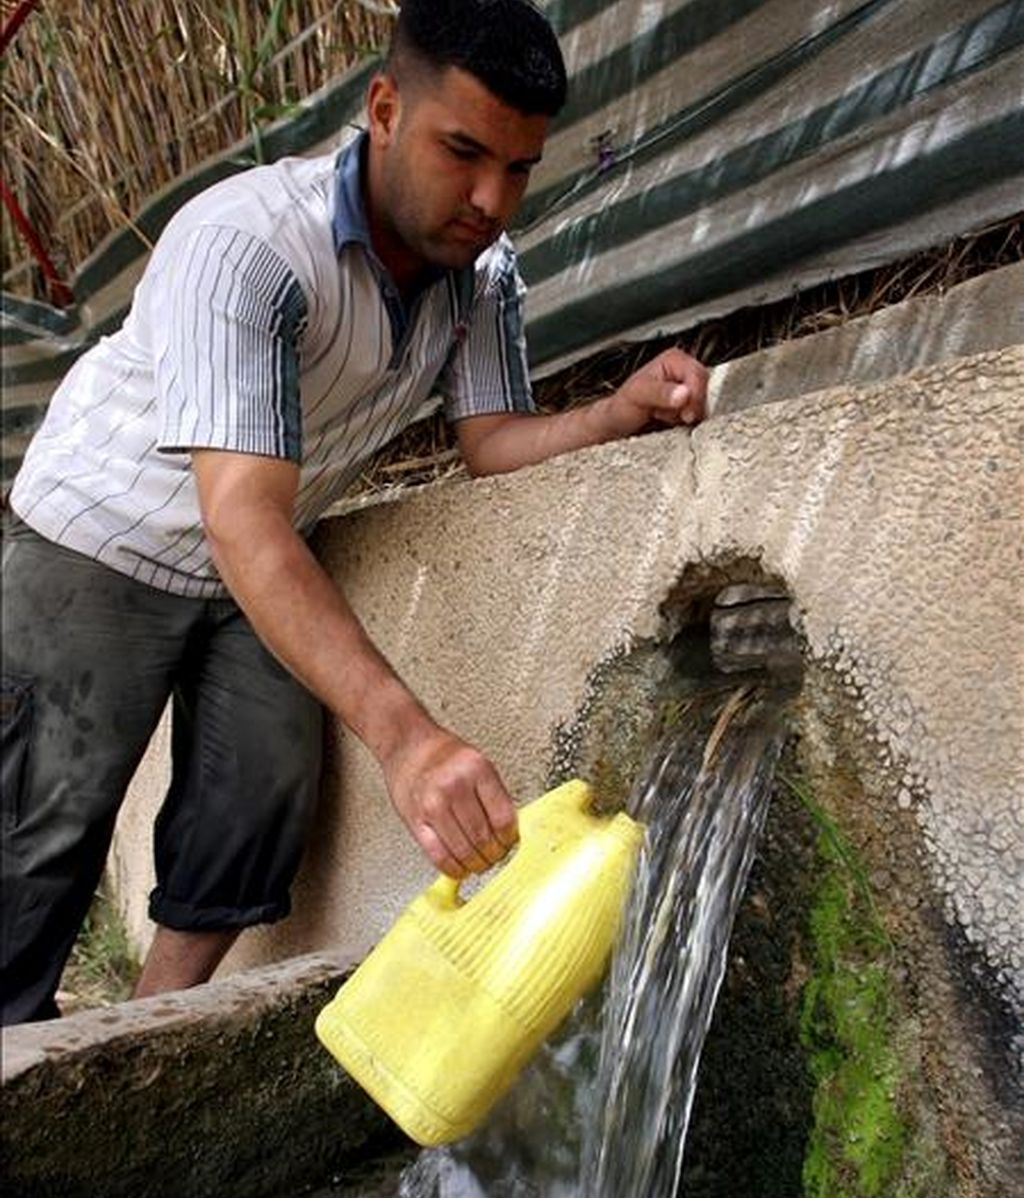 Un palestino saca agua de una fuente natural de las montañas en un café del pueblo cisjordano de Al Bedan, en una fotografía de archivo del 12 de marzo de 2007. EFE